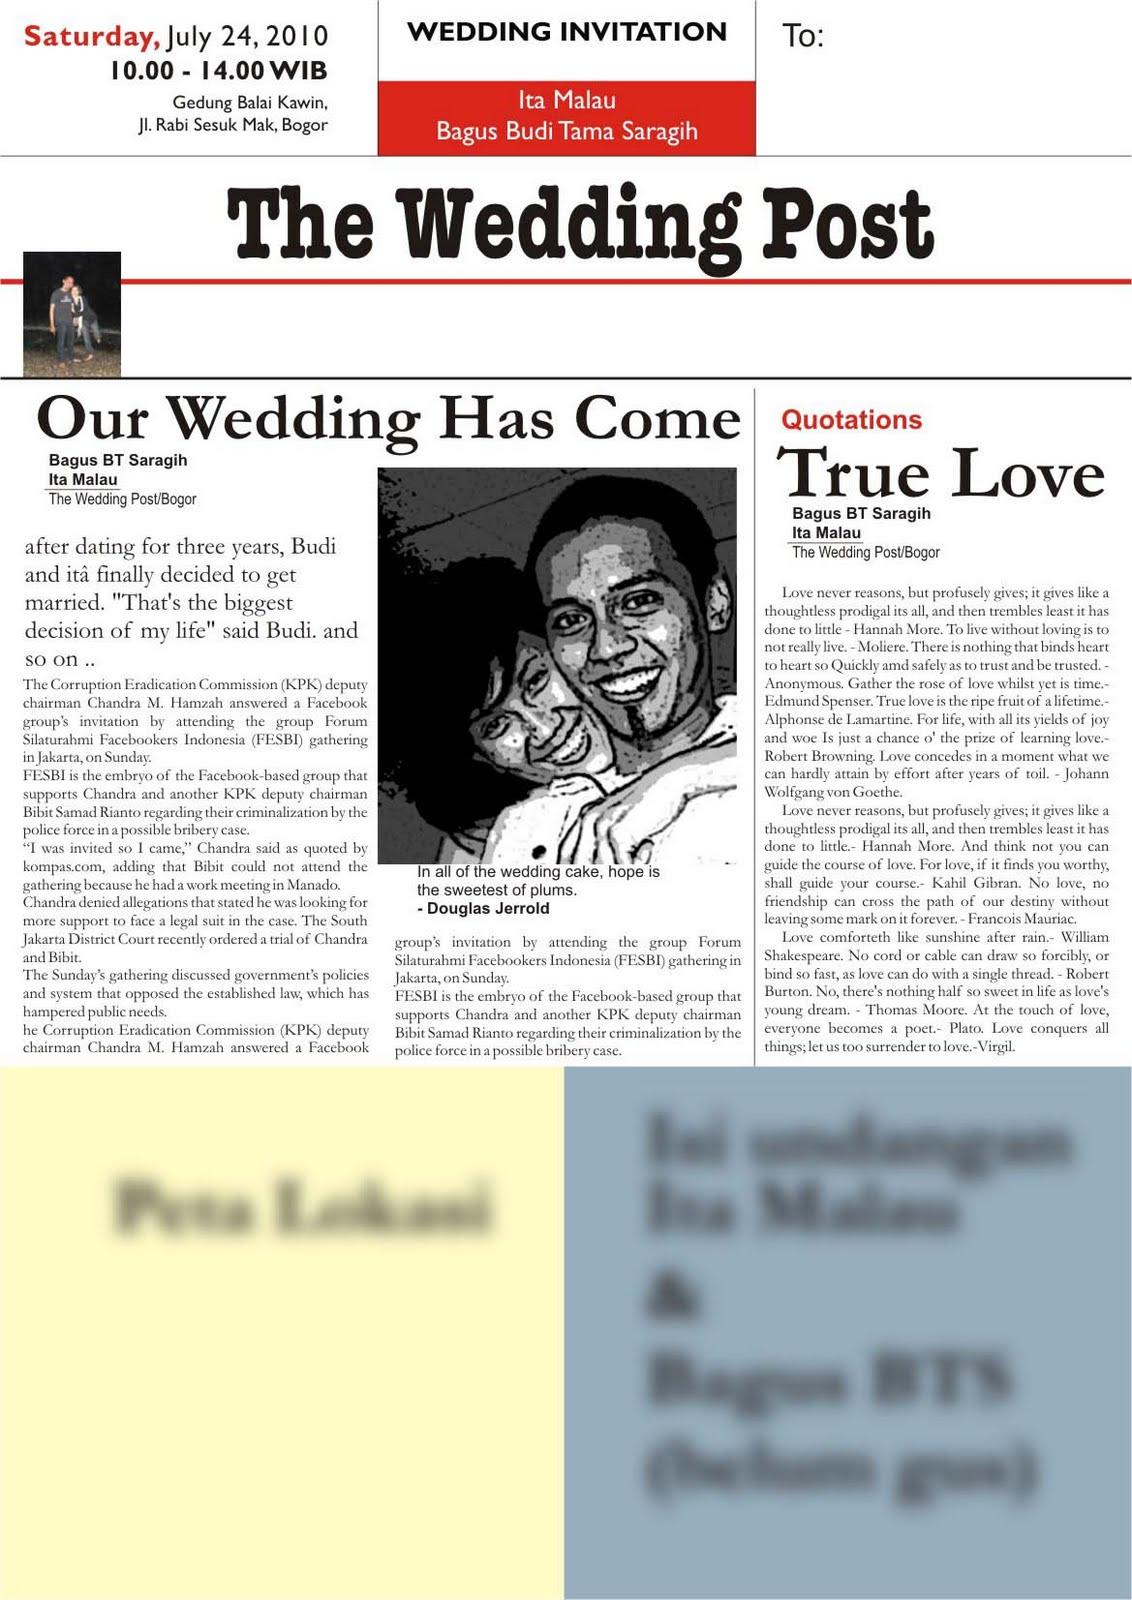 Desain Undangan Pernikahan Sendiri Dengan Photoshop